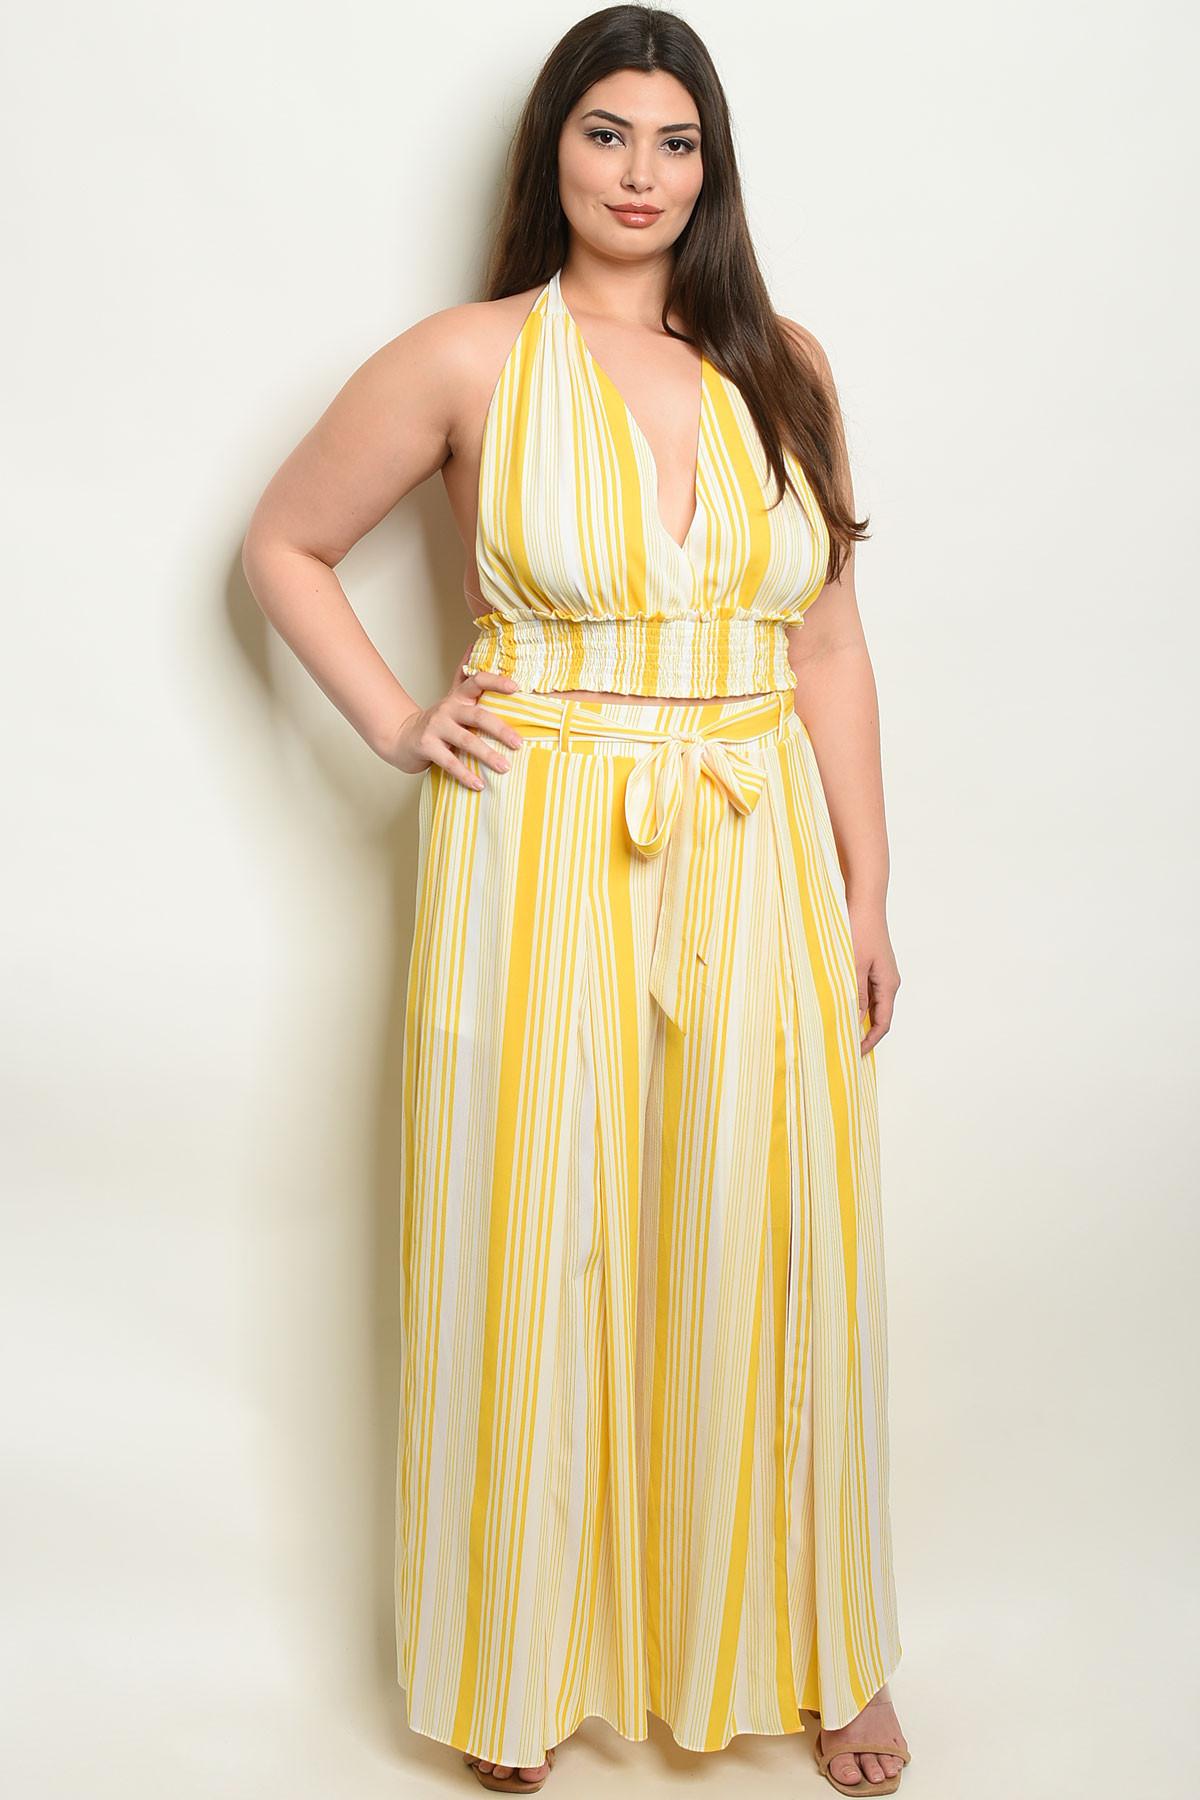 79bf7872a s21-10-3-na-set18536x yellow stripes plus size top & pants set 2-2-2